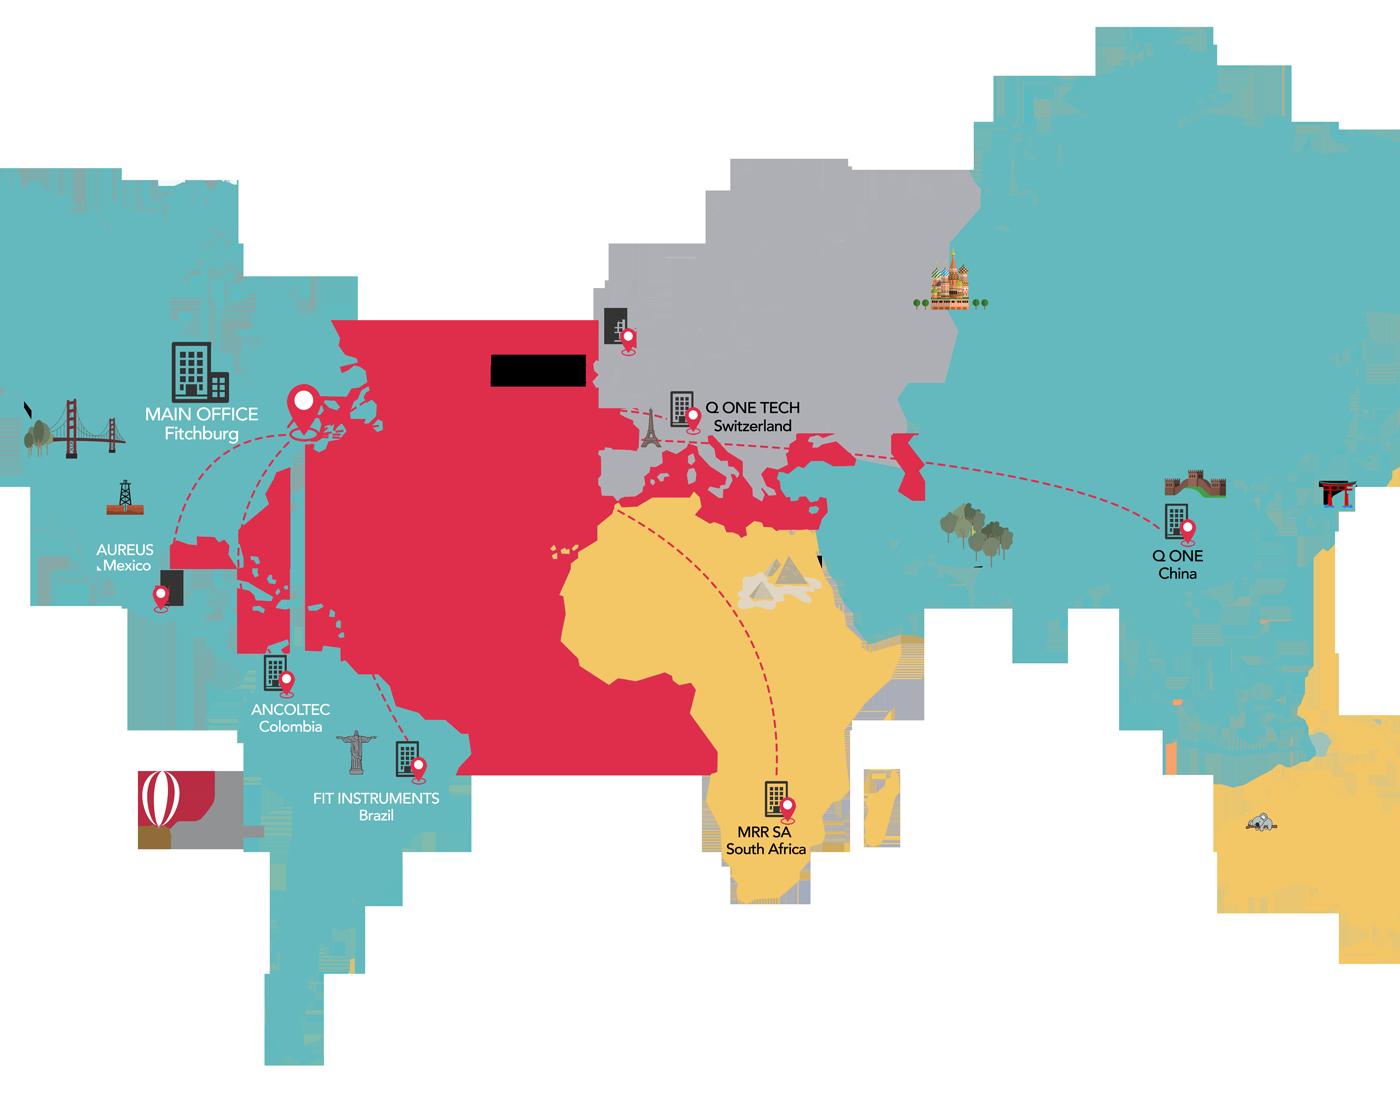 QOne Global Partners